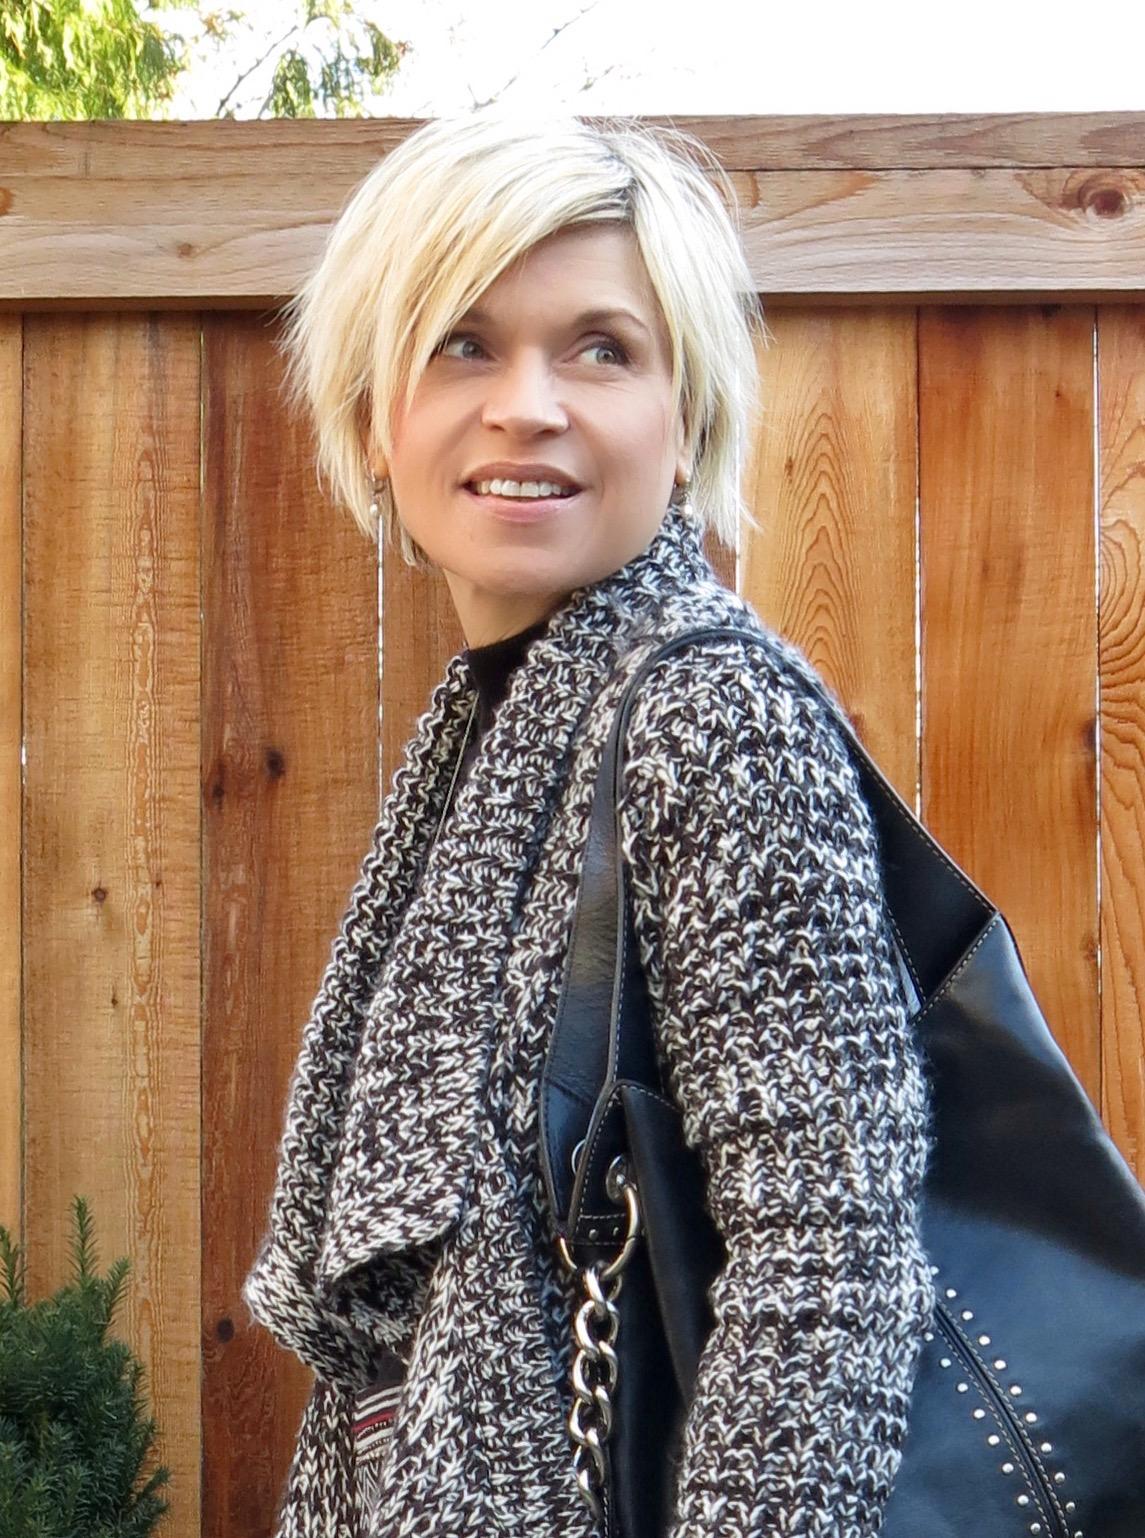 long cardigan and studded Michael Kors bag